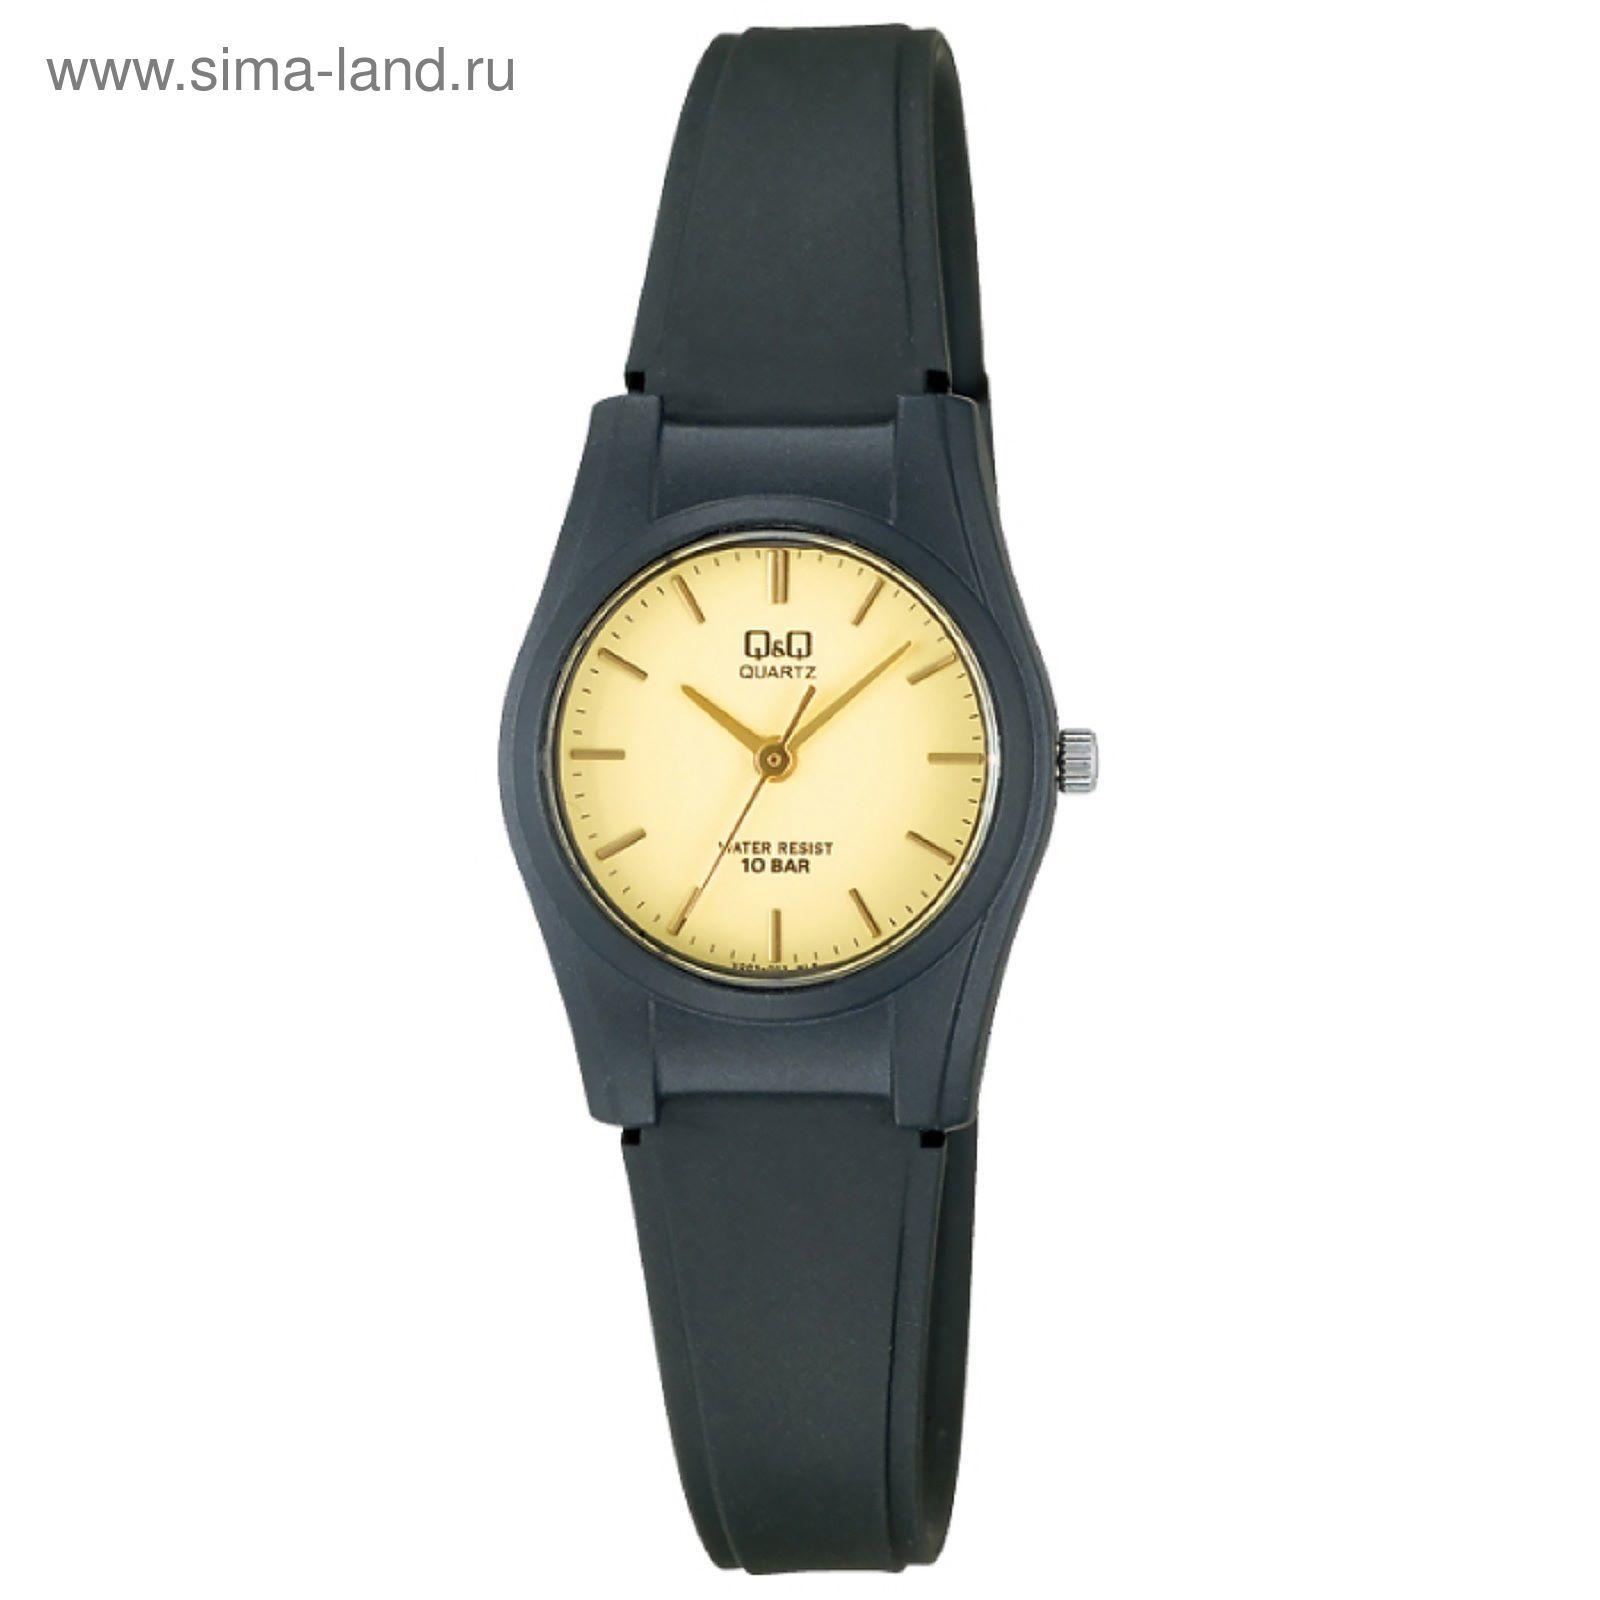 82647a6a Часы наручные женские Q&Q VQ03-002 (1589569) - Купить по цене от ...